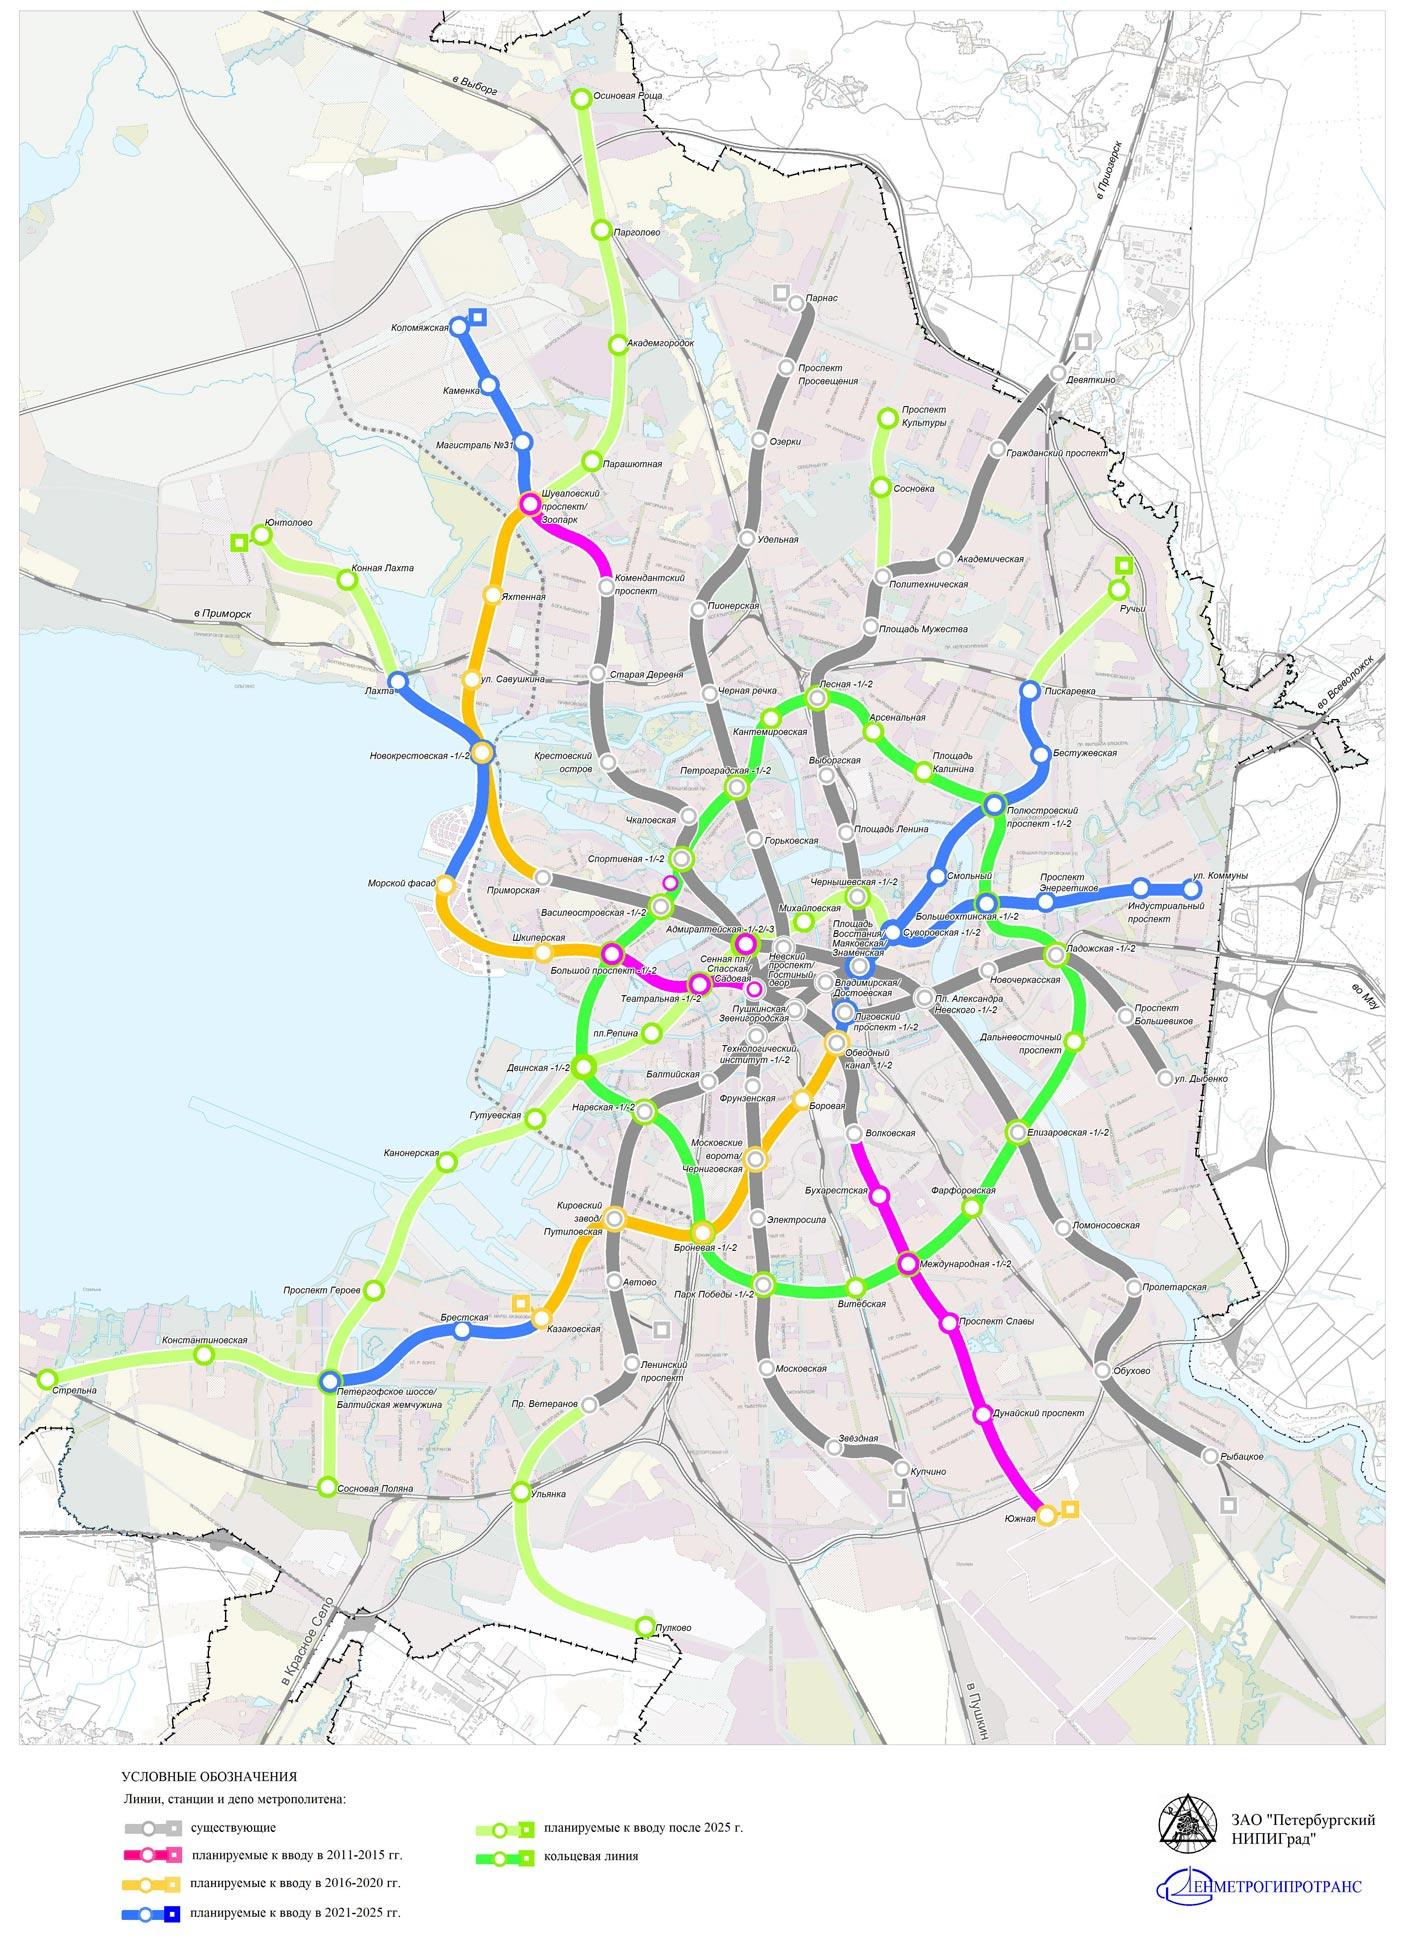 Схема развития метрополитена в Санкт-Петербурге на 2011-2015 годы с перспективой до 2025 года.